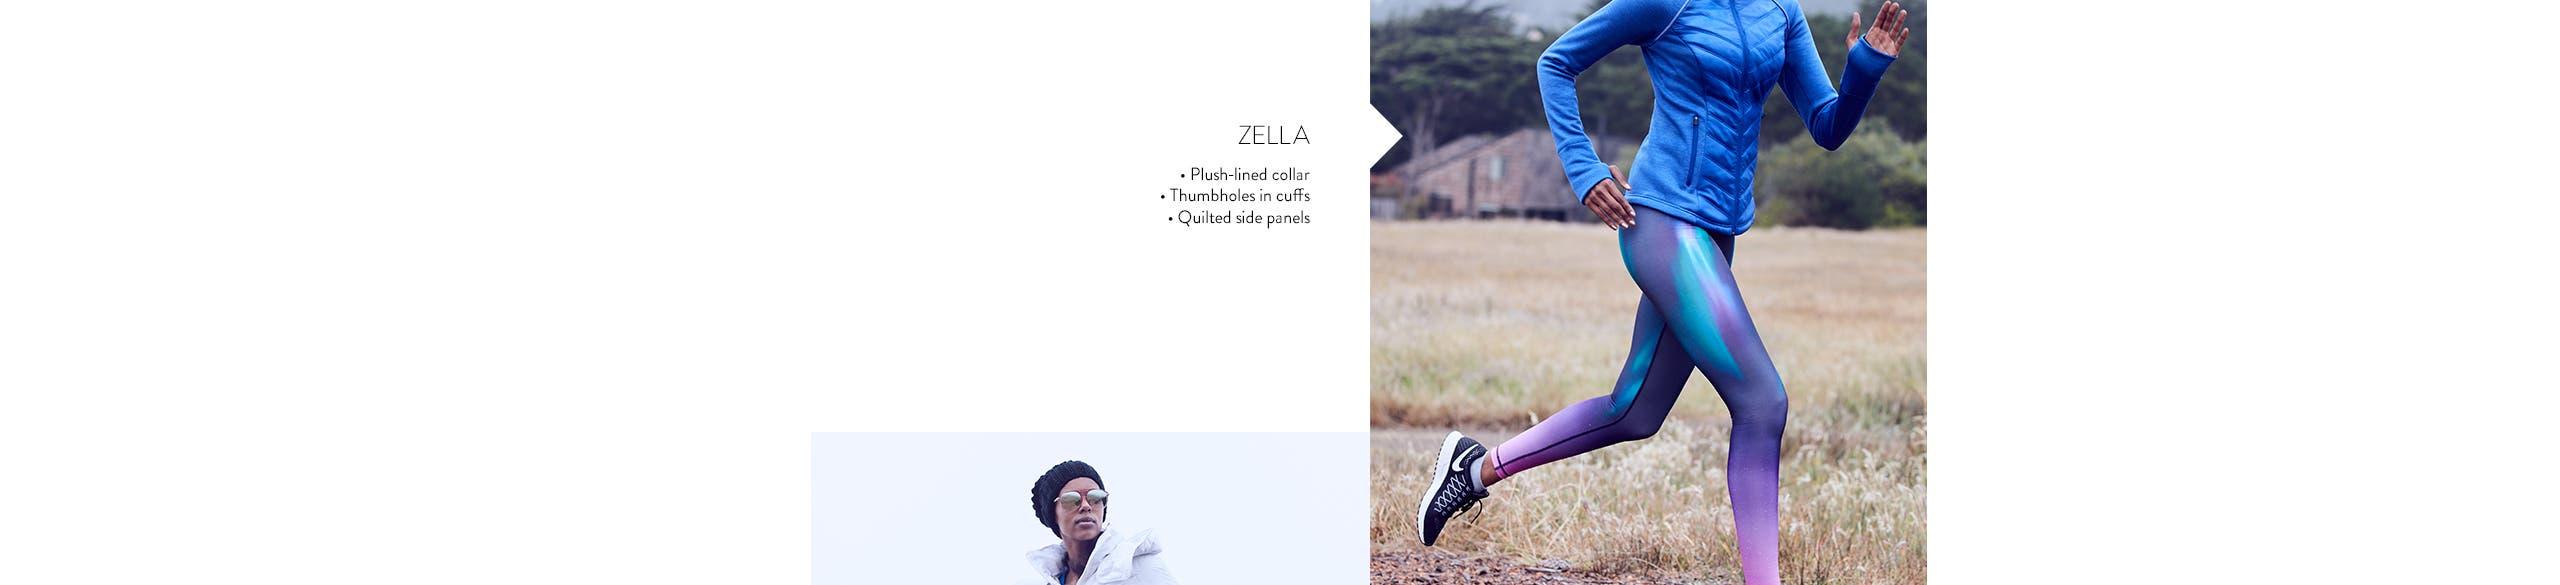 Zella.